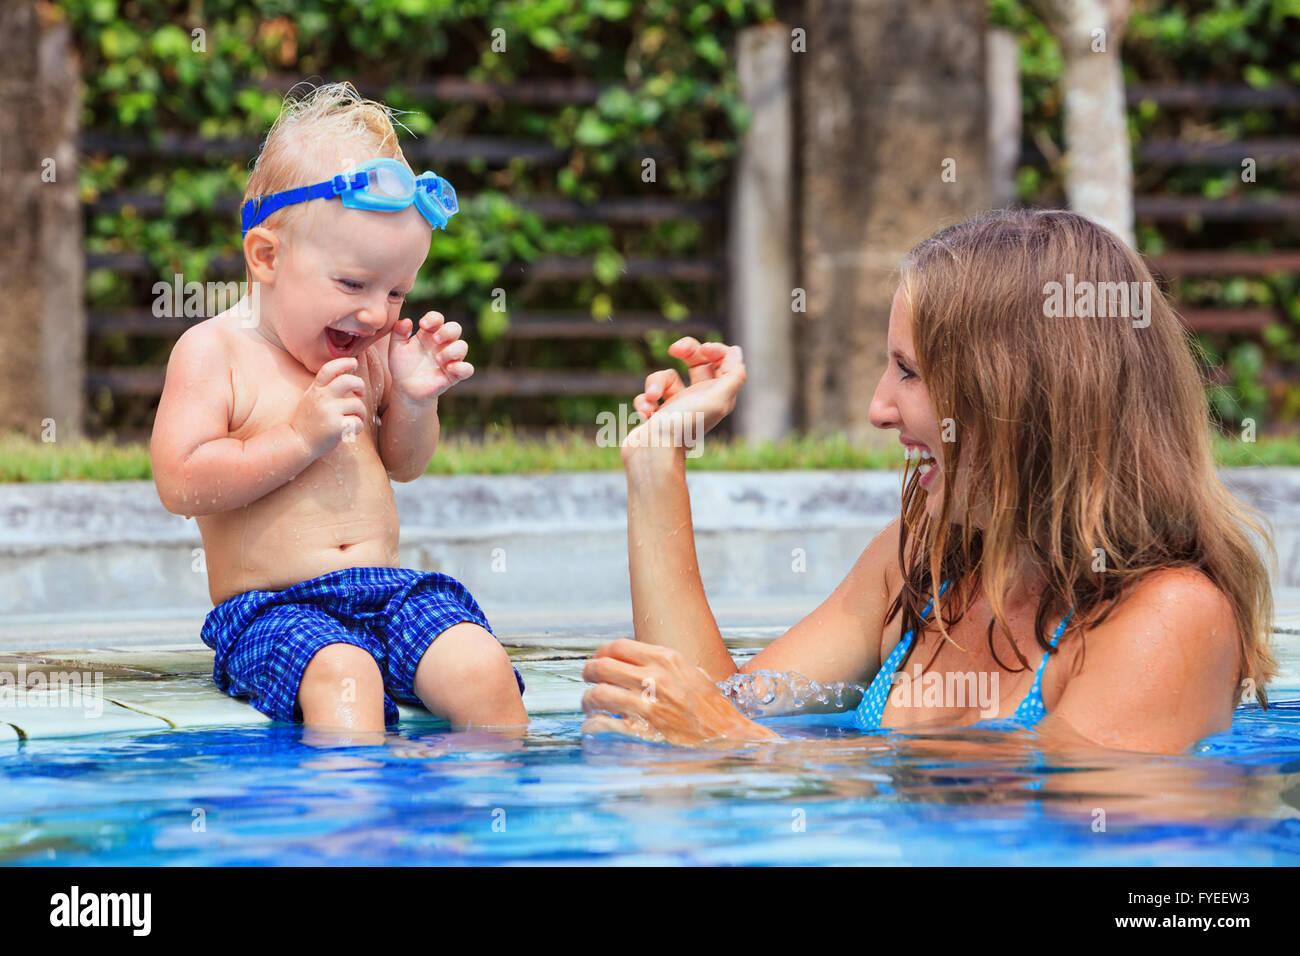 Peu de natation enfant à lunettes sous-marines s'asseoir sur le bord de la piscine a l'amusement - Photo Stock